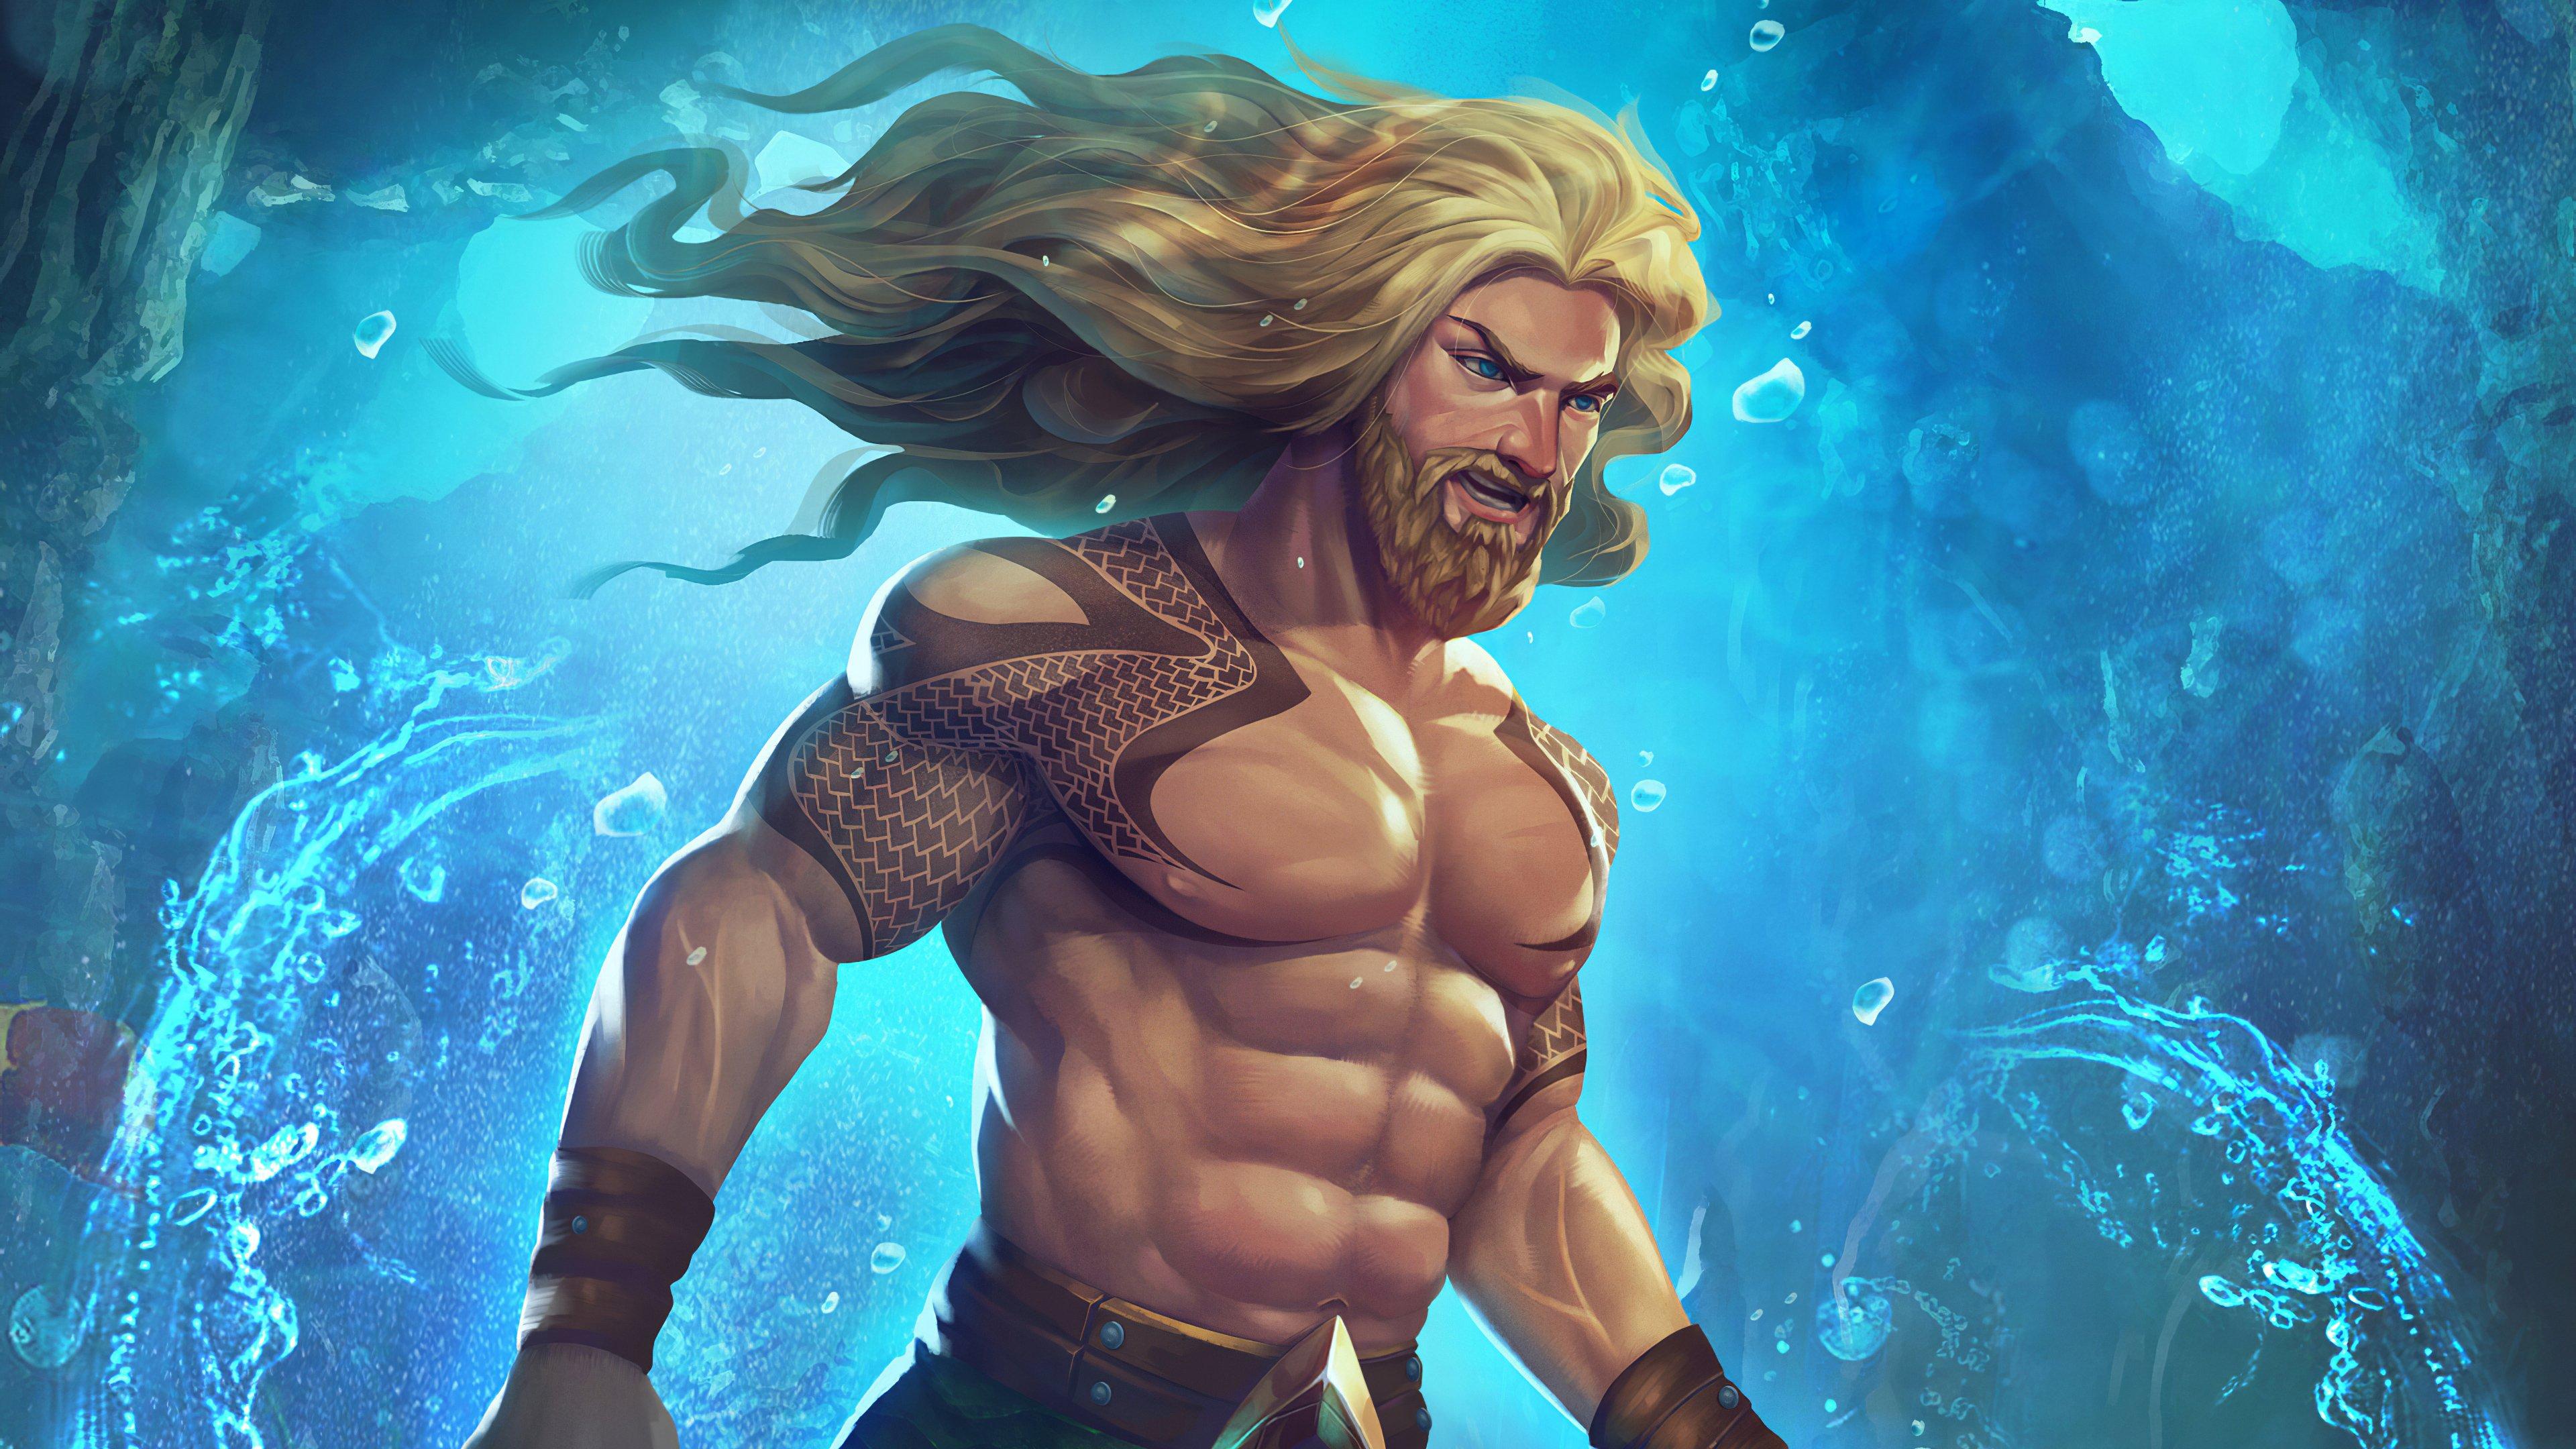 Fondos de pantalla Aquaman Fanart